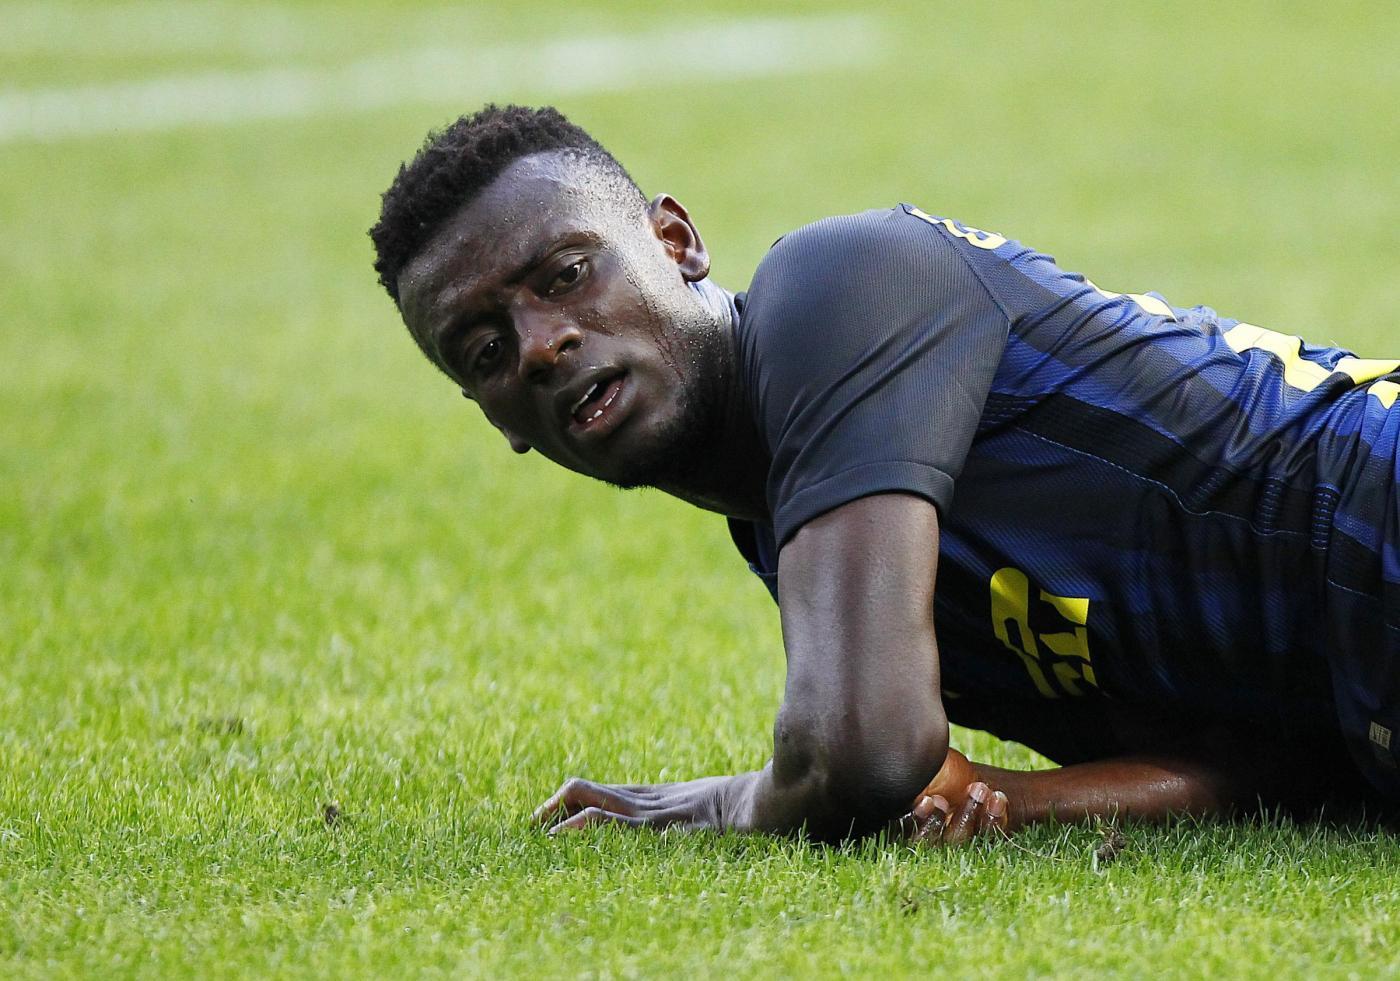 Problemi cardiaci per Gnoukouri, stop di tre mesi dall'Udinese